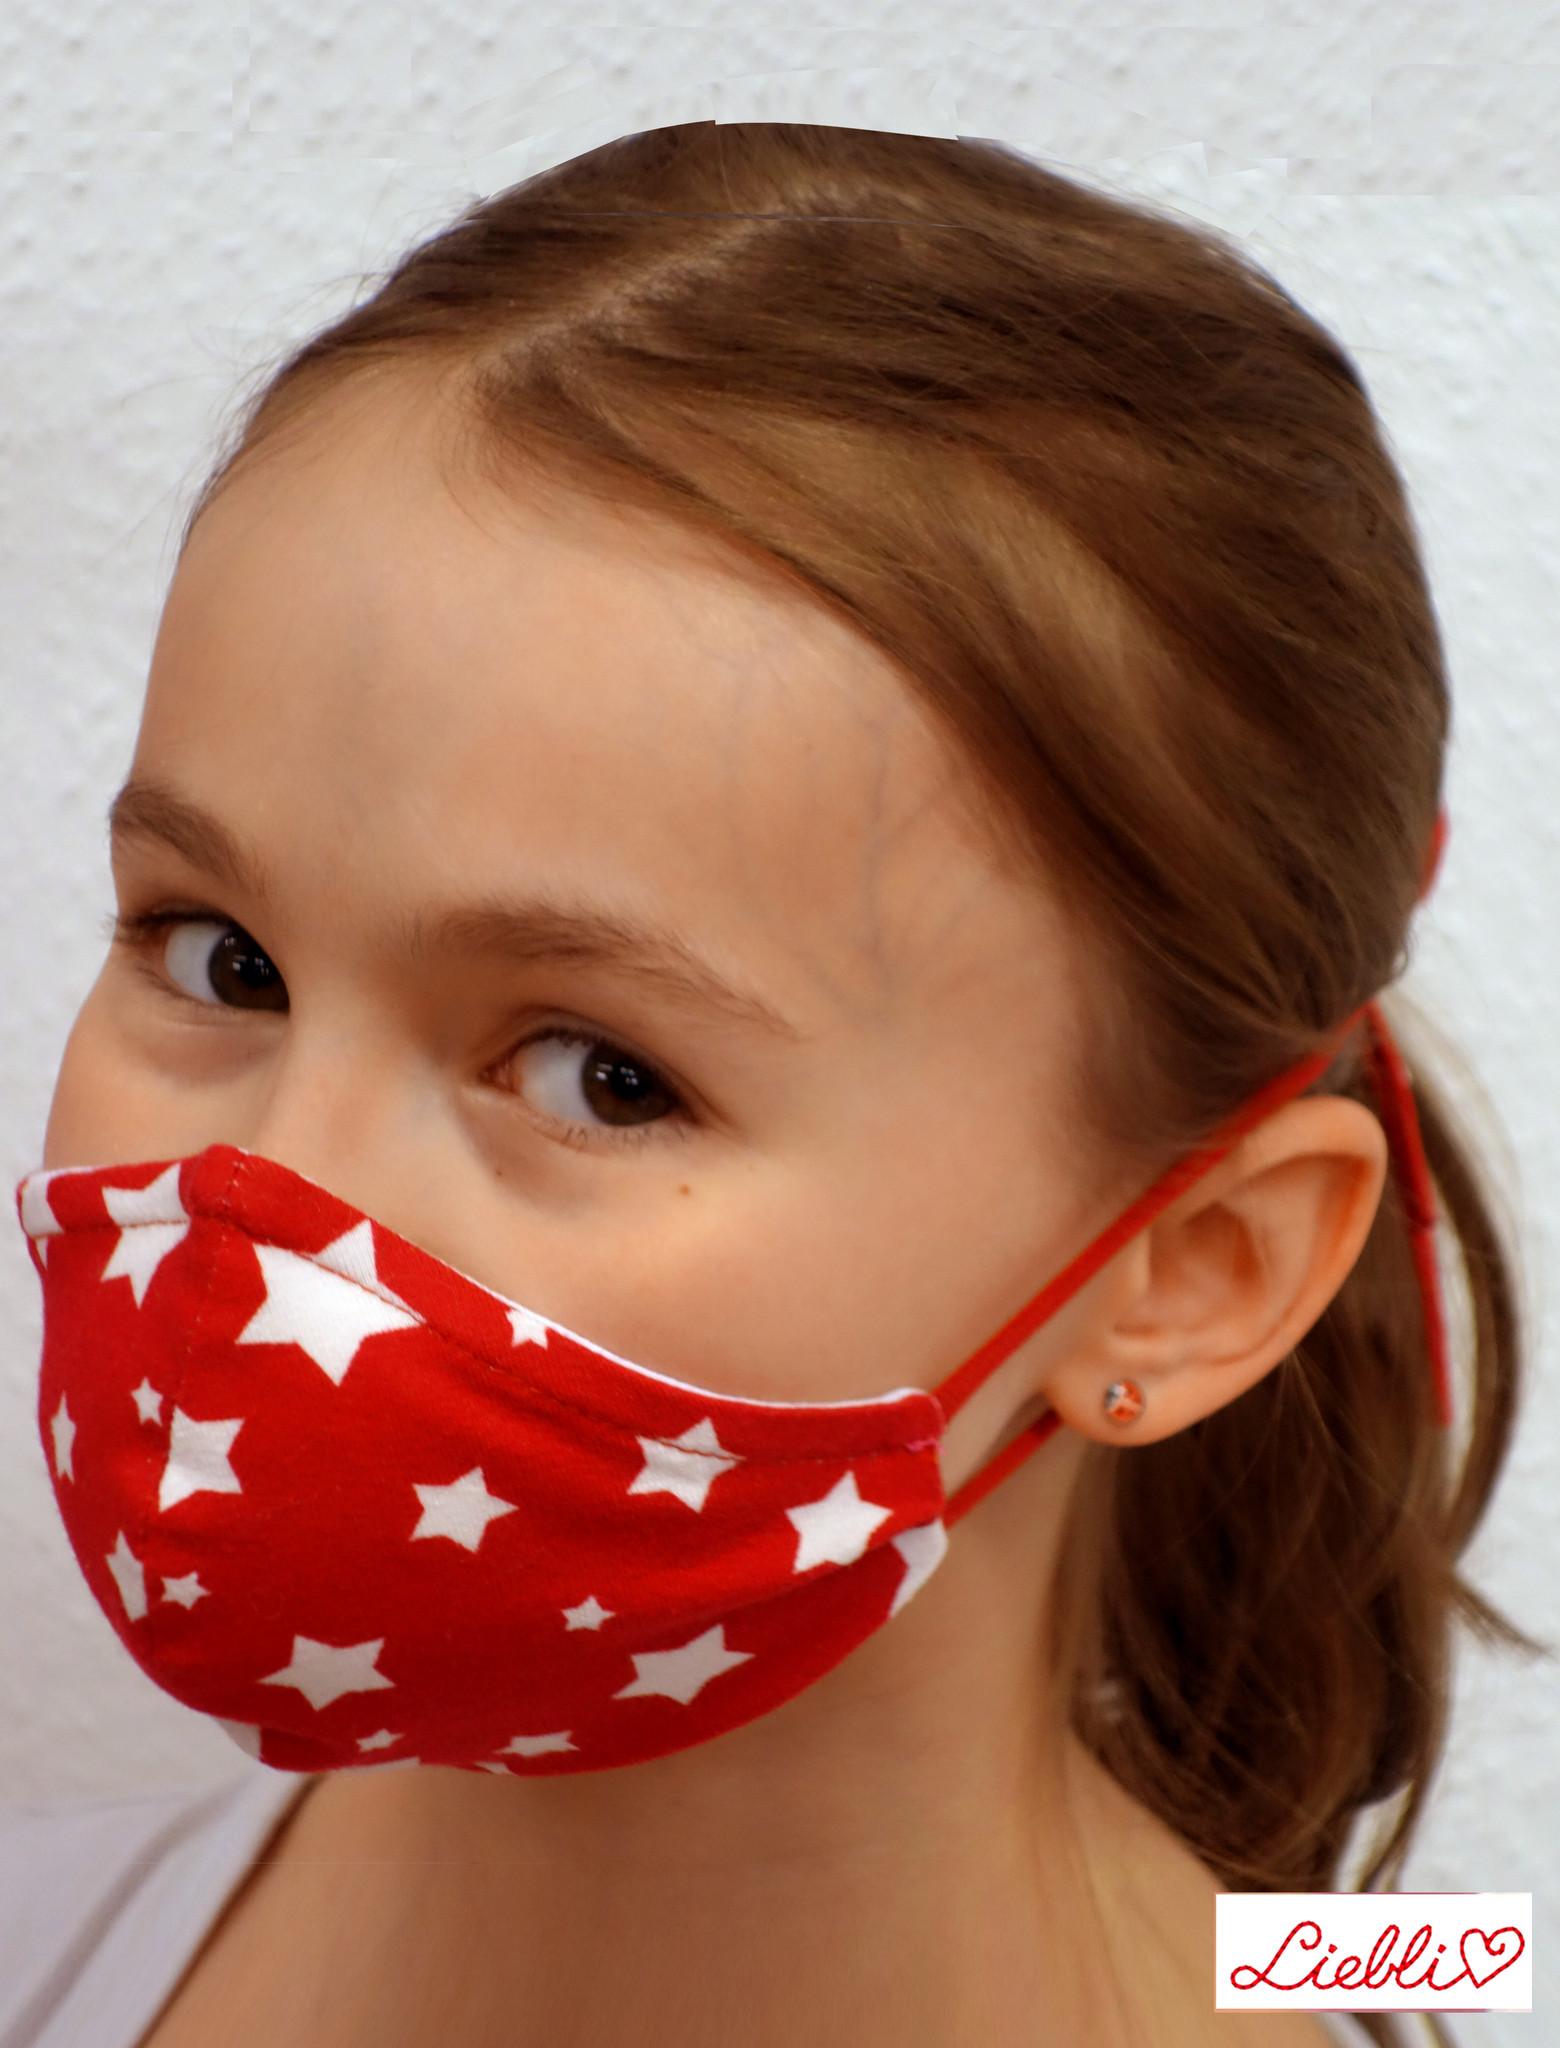 Kindermaske, Kinder Mundschutz, Mund-Nasen-Maske weiße Sterne auf rot